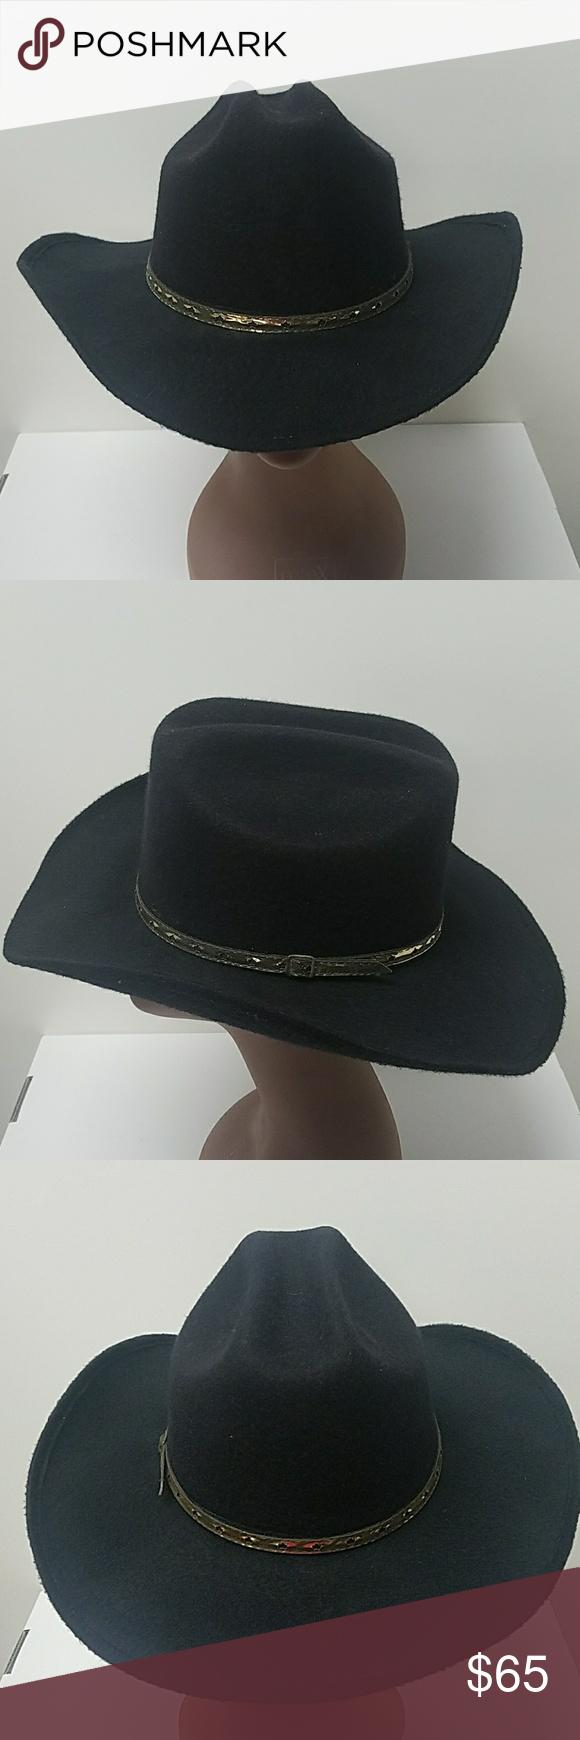 Black Cowboy Hat Size 7 5 Black Cowboy Hat Cowboy Hats Black